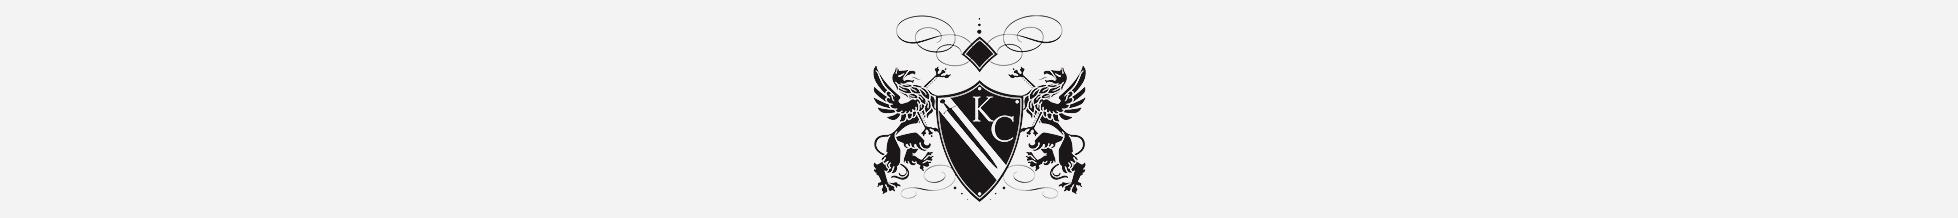 kings-crest-.jpg